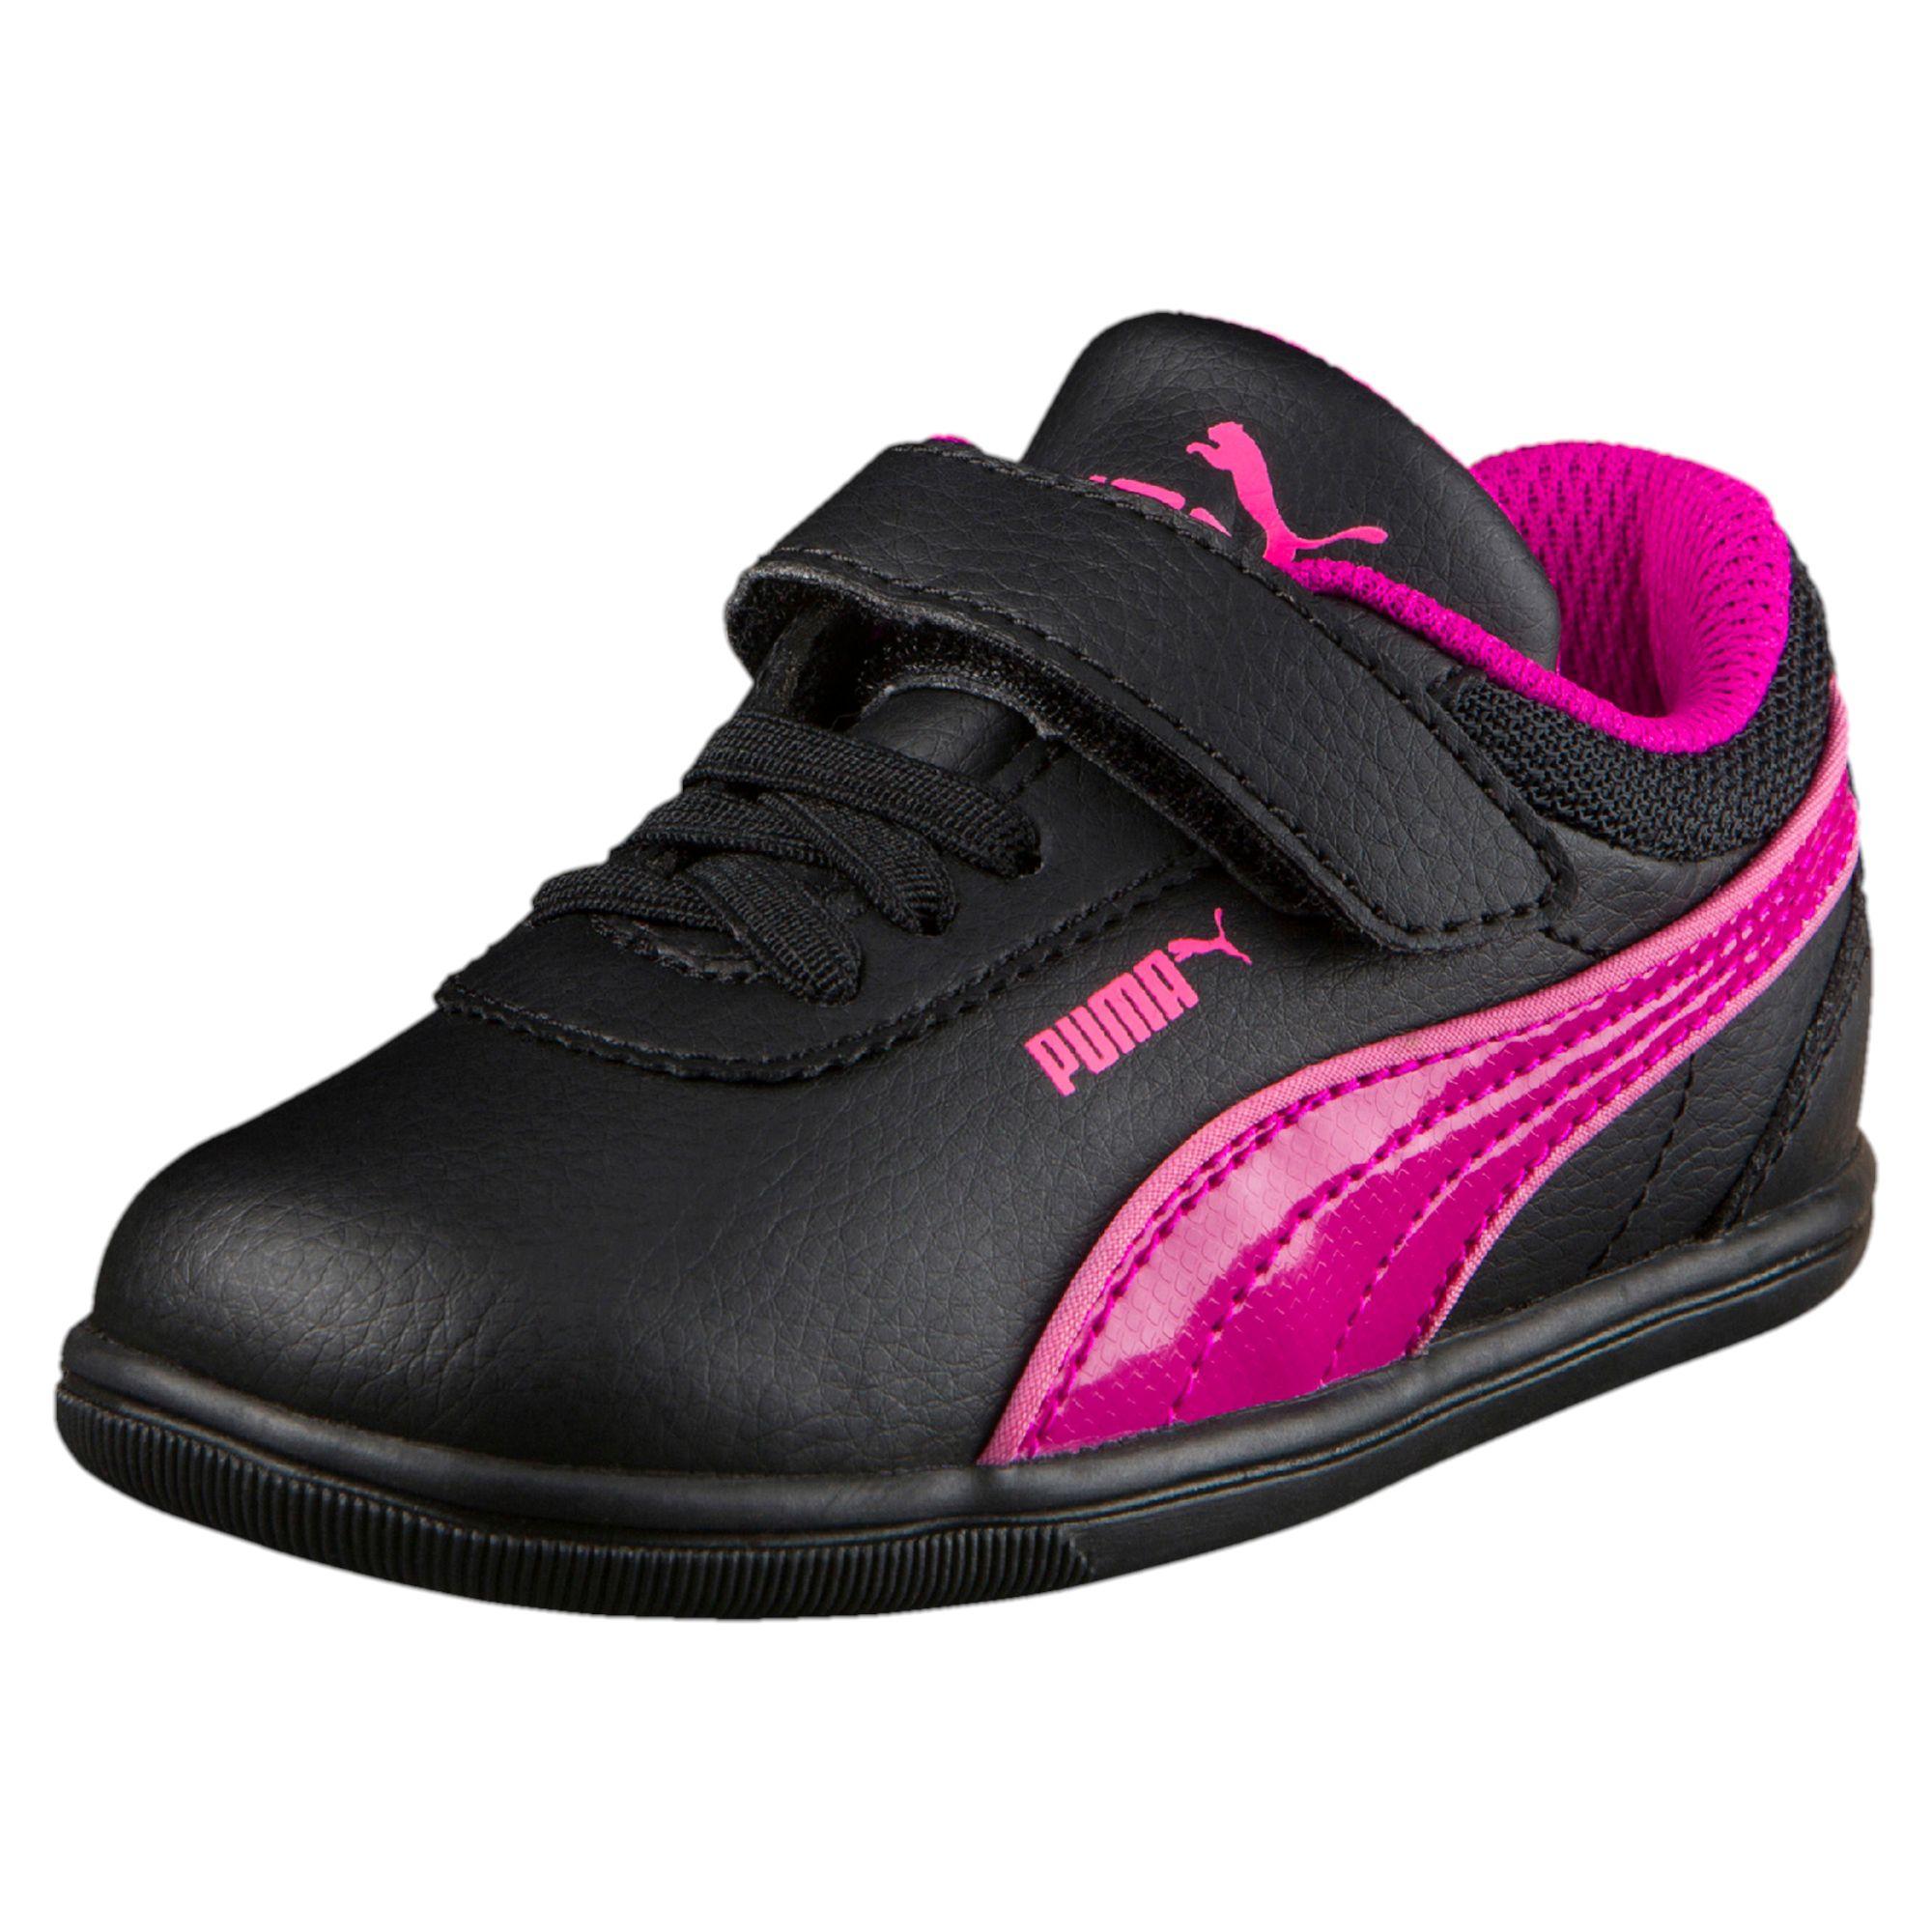 plus de photos 077e2 5dd33 Détails sur PUMA Basket Myndy 2 SL V pour fille Filles Chaussures Enfants  Neuf